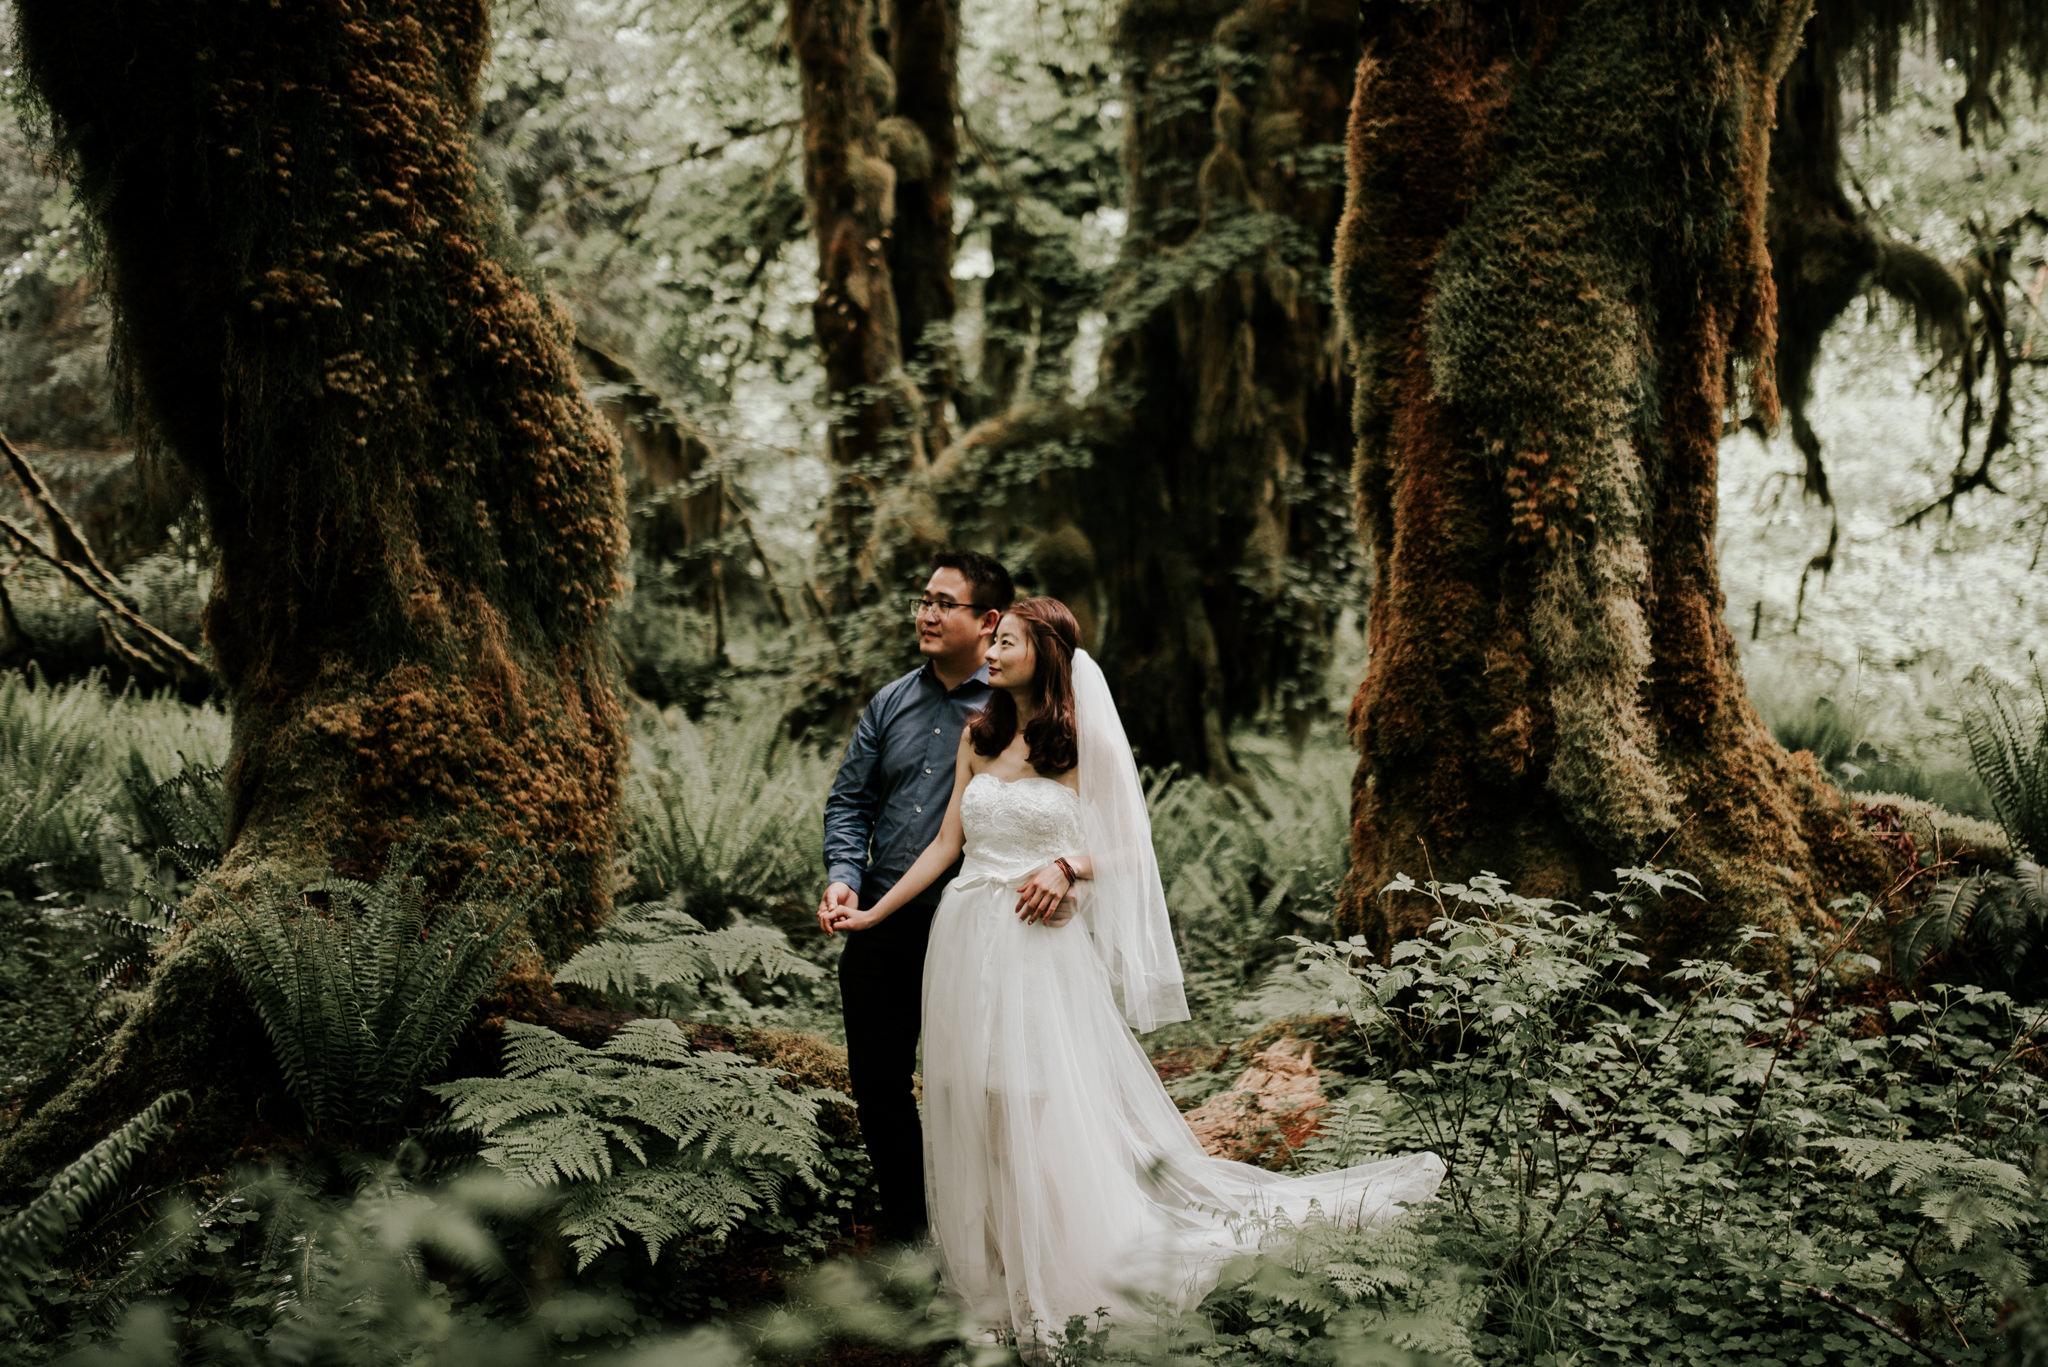 Engagement photos in rain